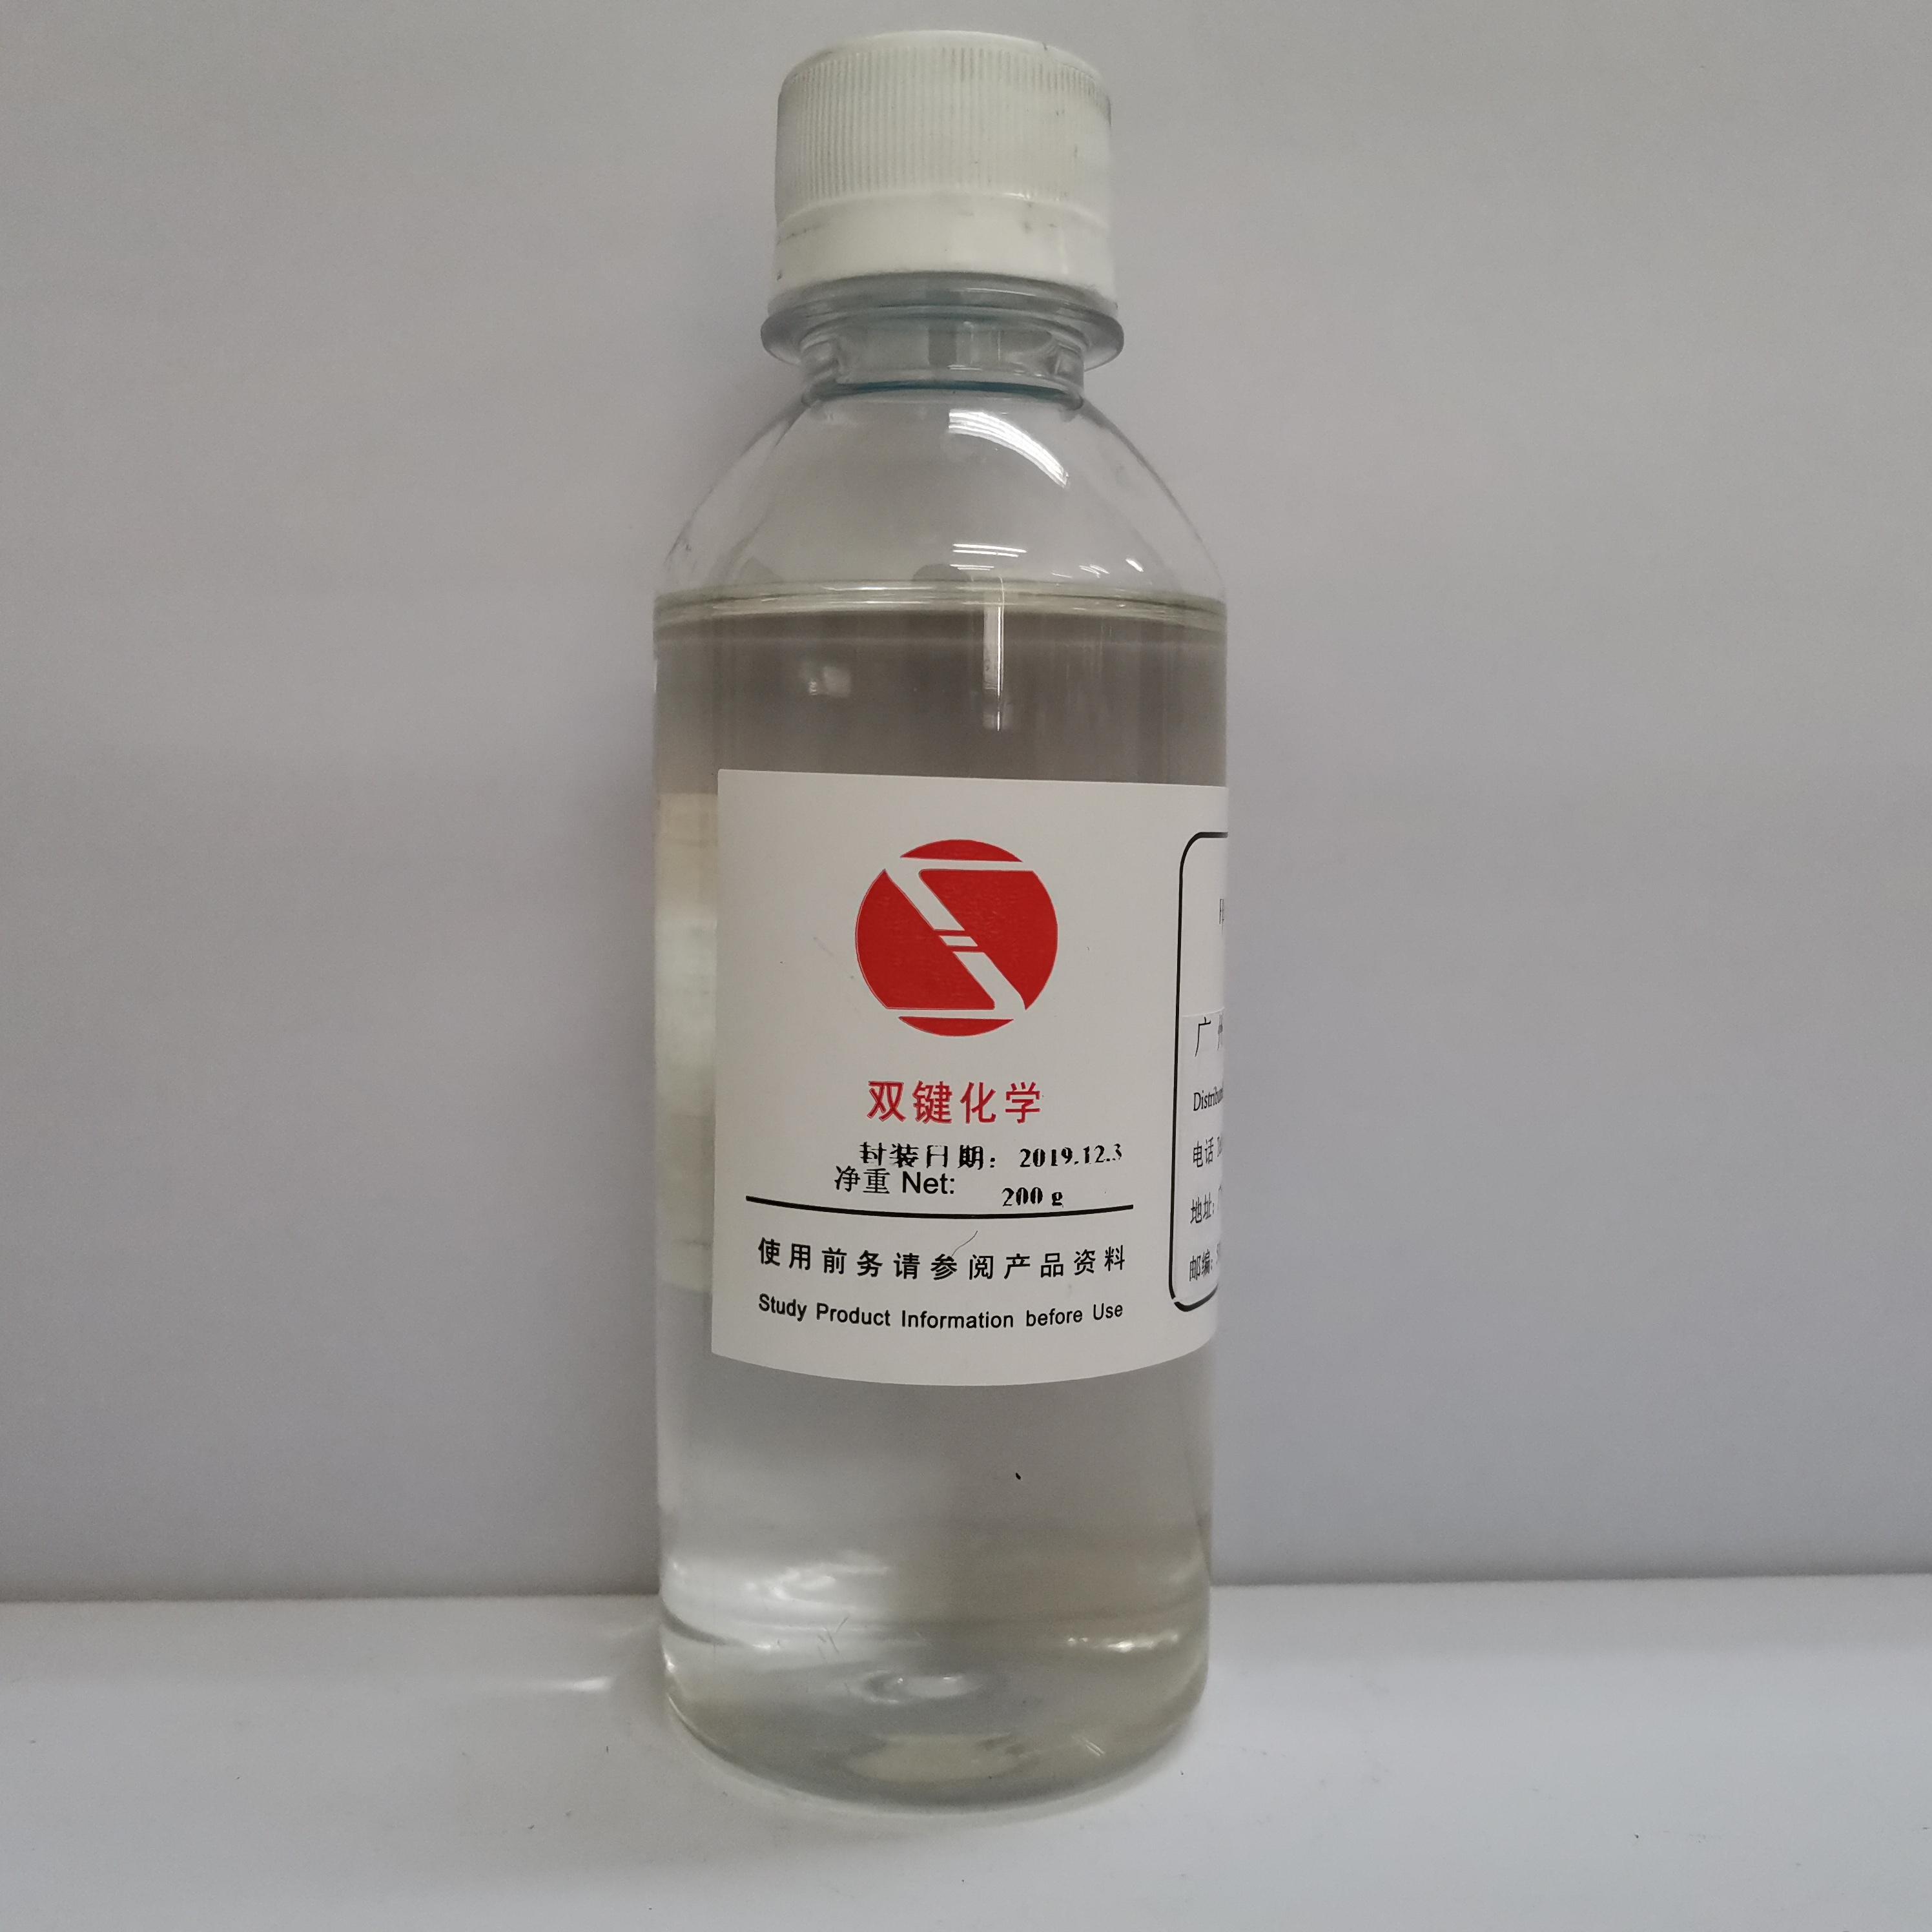 甲基丙烯酸-2-羟基乙酯